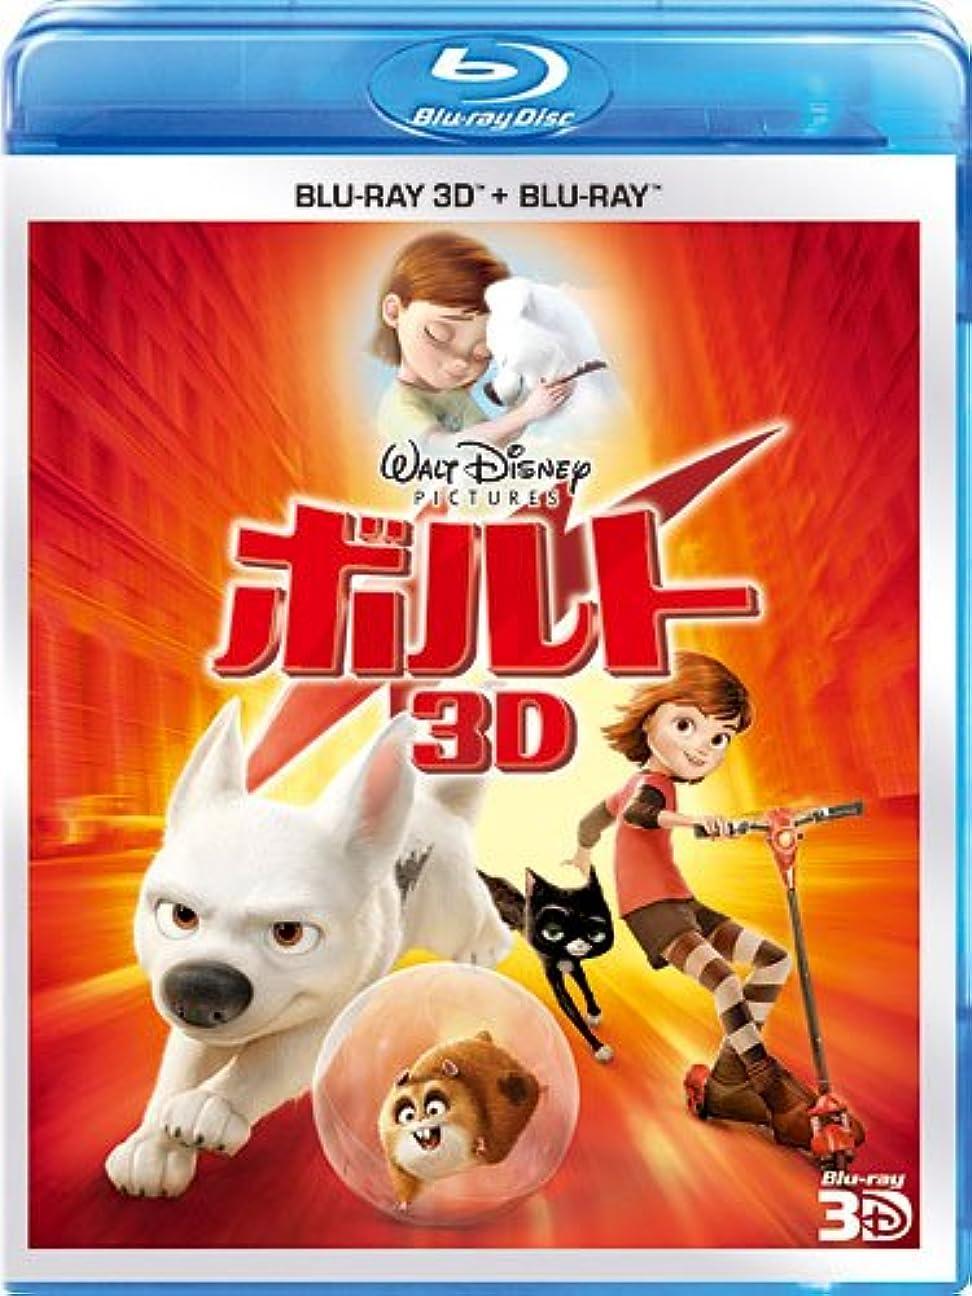 鎮痛剤アルプス取り消すボルト 3Dセット [Blu-ray]